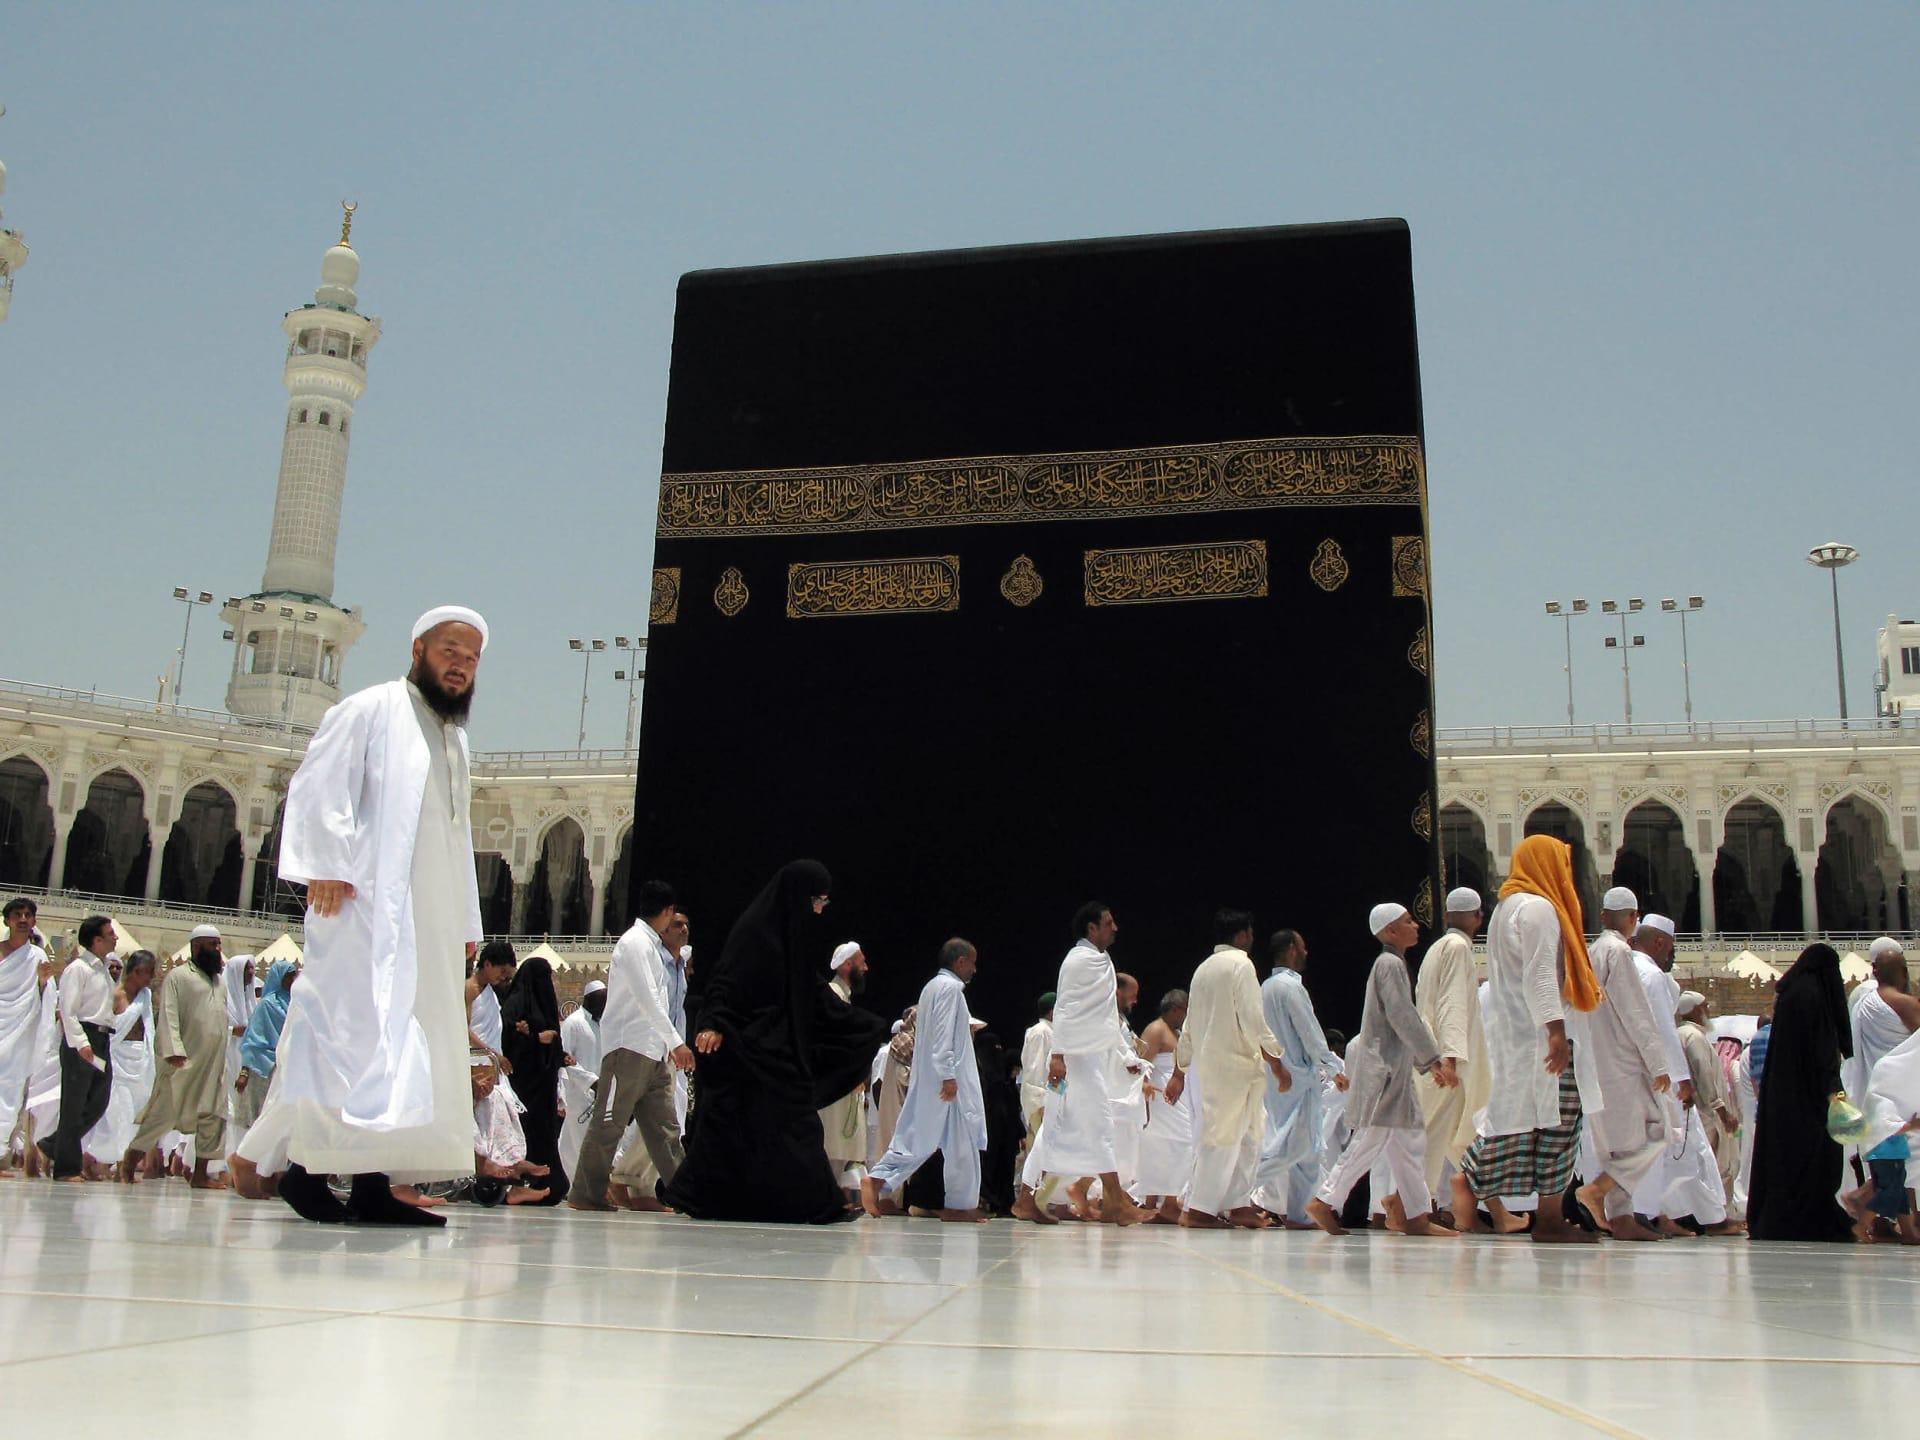 السعودية ترد على تقارير إعلامية باكستانية بمنع معتمري قطر